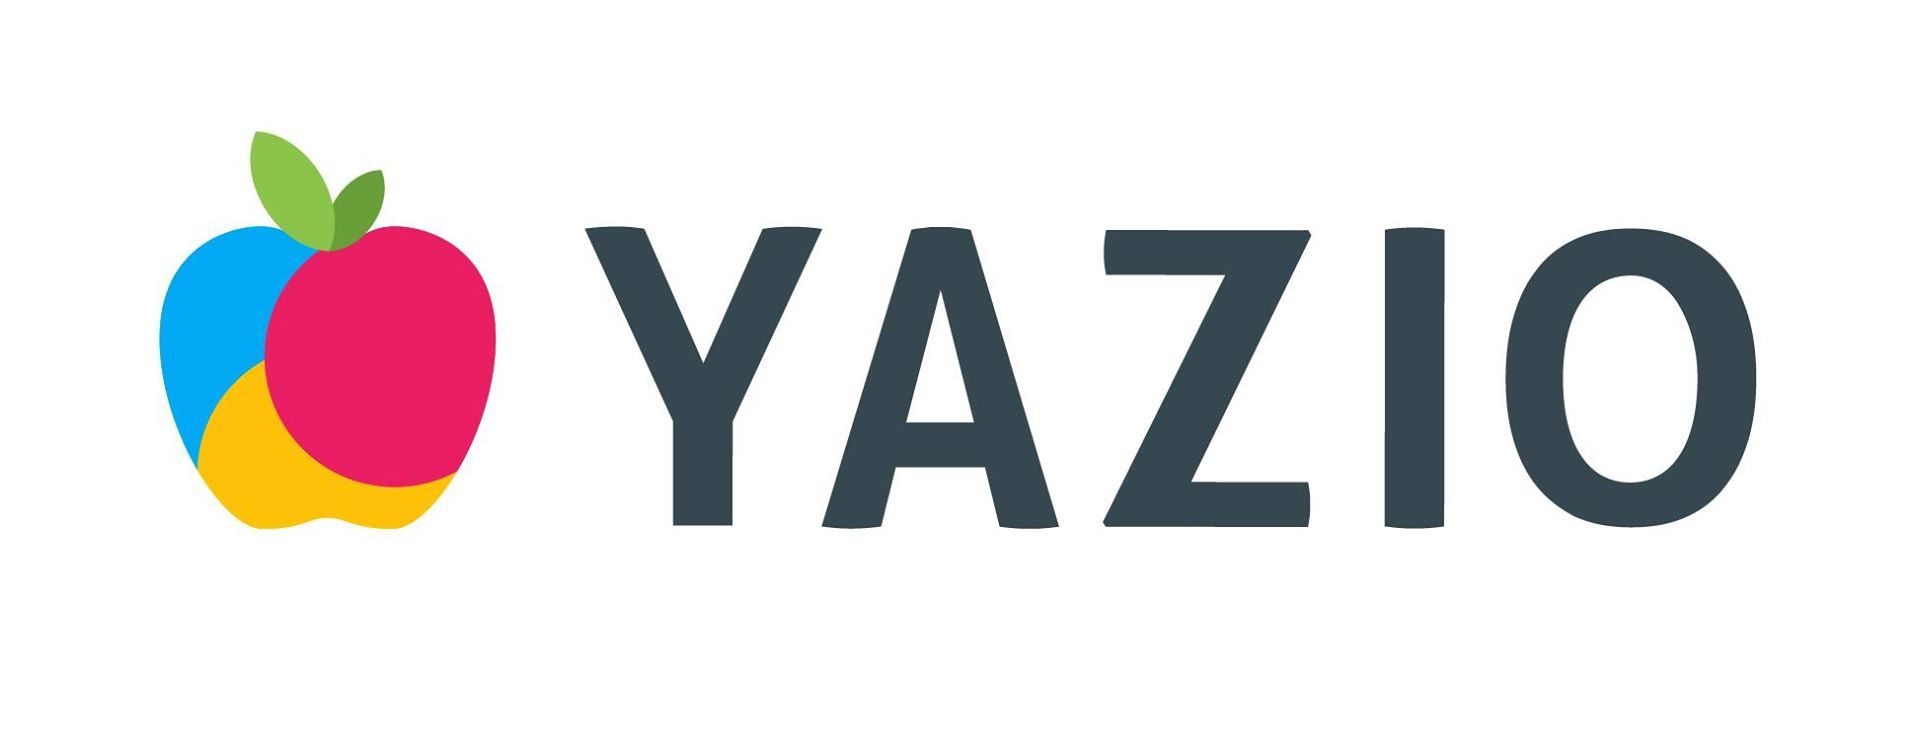 Yazio Kalorientracker  - Übersichtliche und umfangreiche Tracking App für Fitness & Ernährung [Erfahrungsbericht]